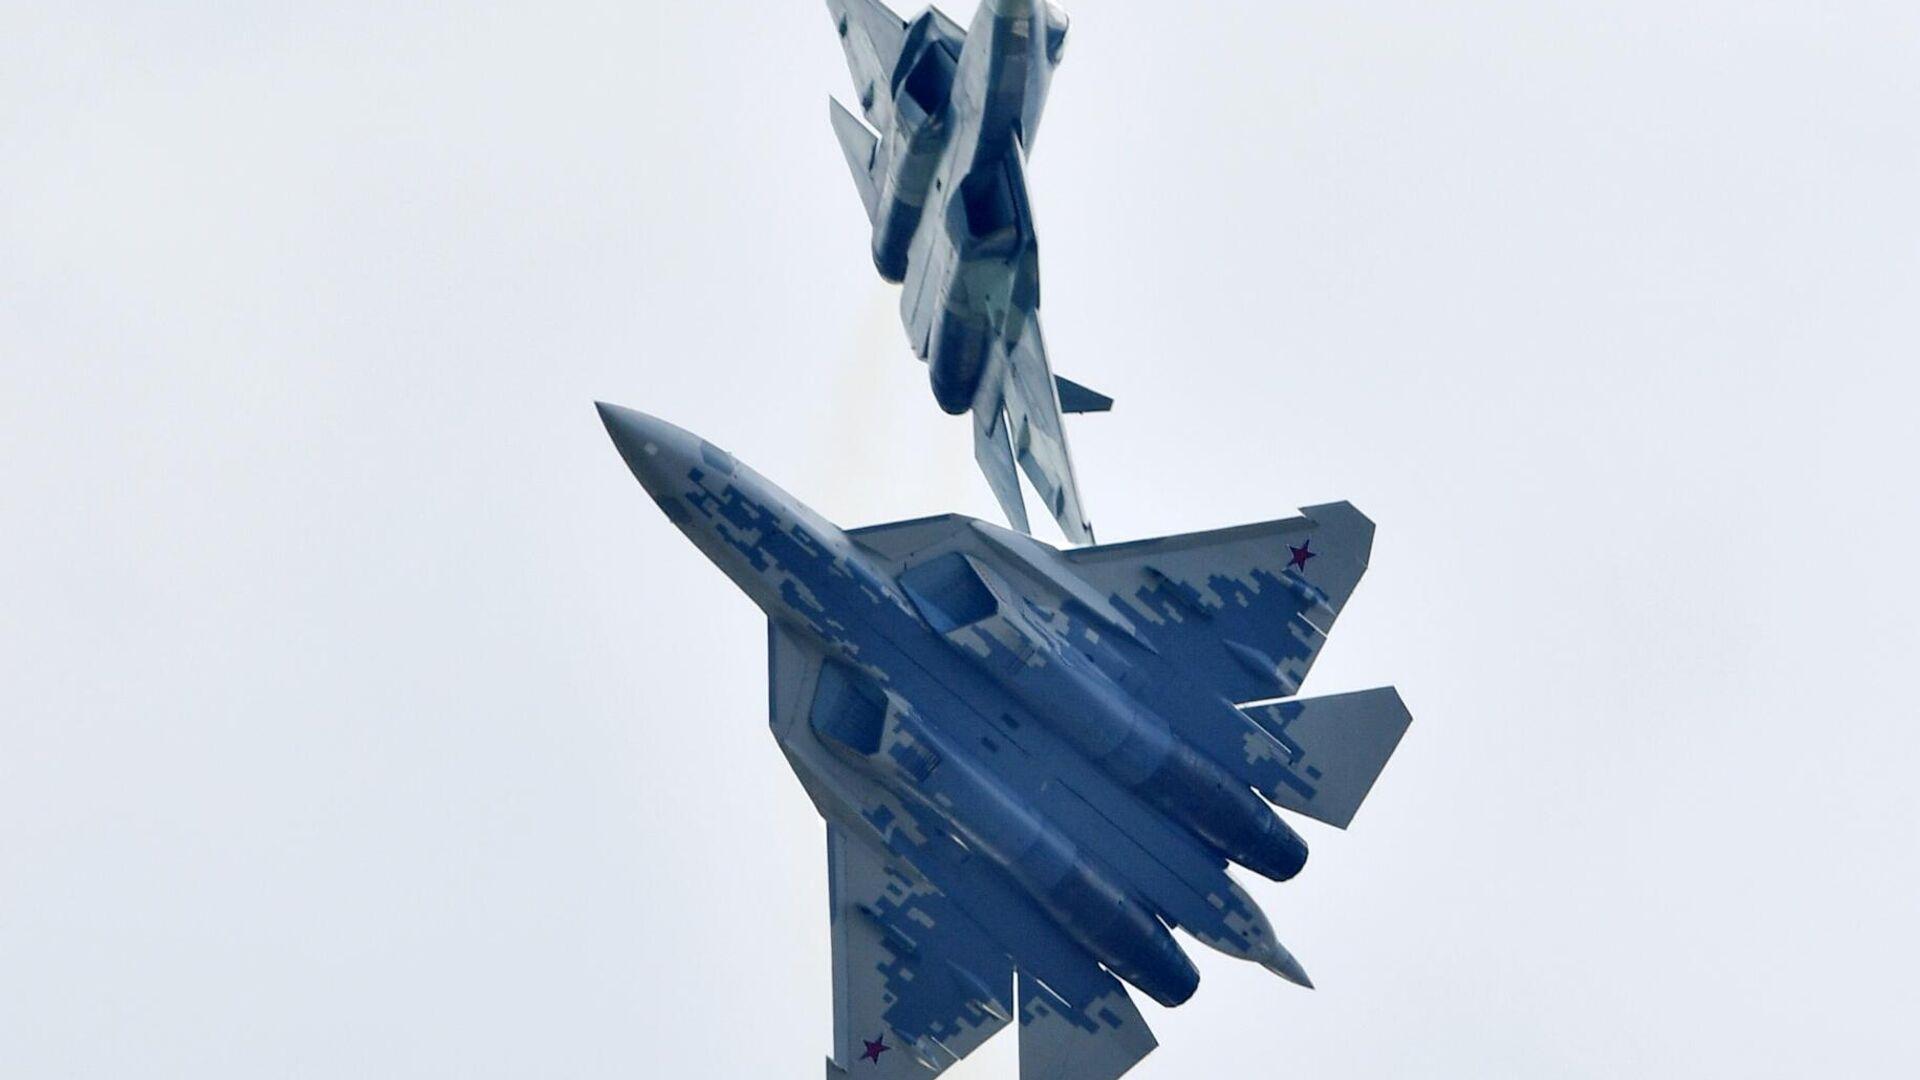 Российские многофункциональные истребители пятого поколения Су-57 - РИА Новости, 1920, 29.08.2020